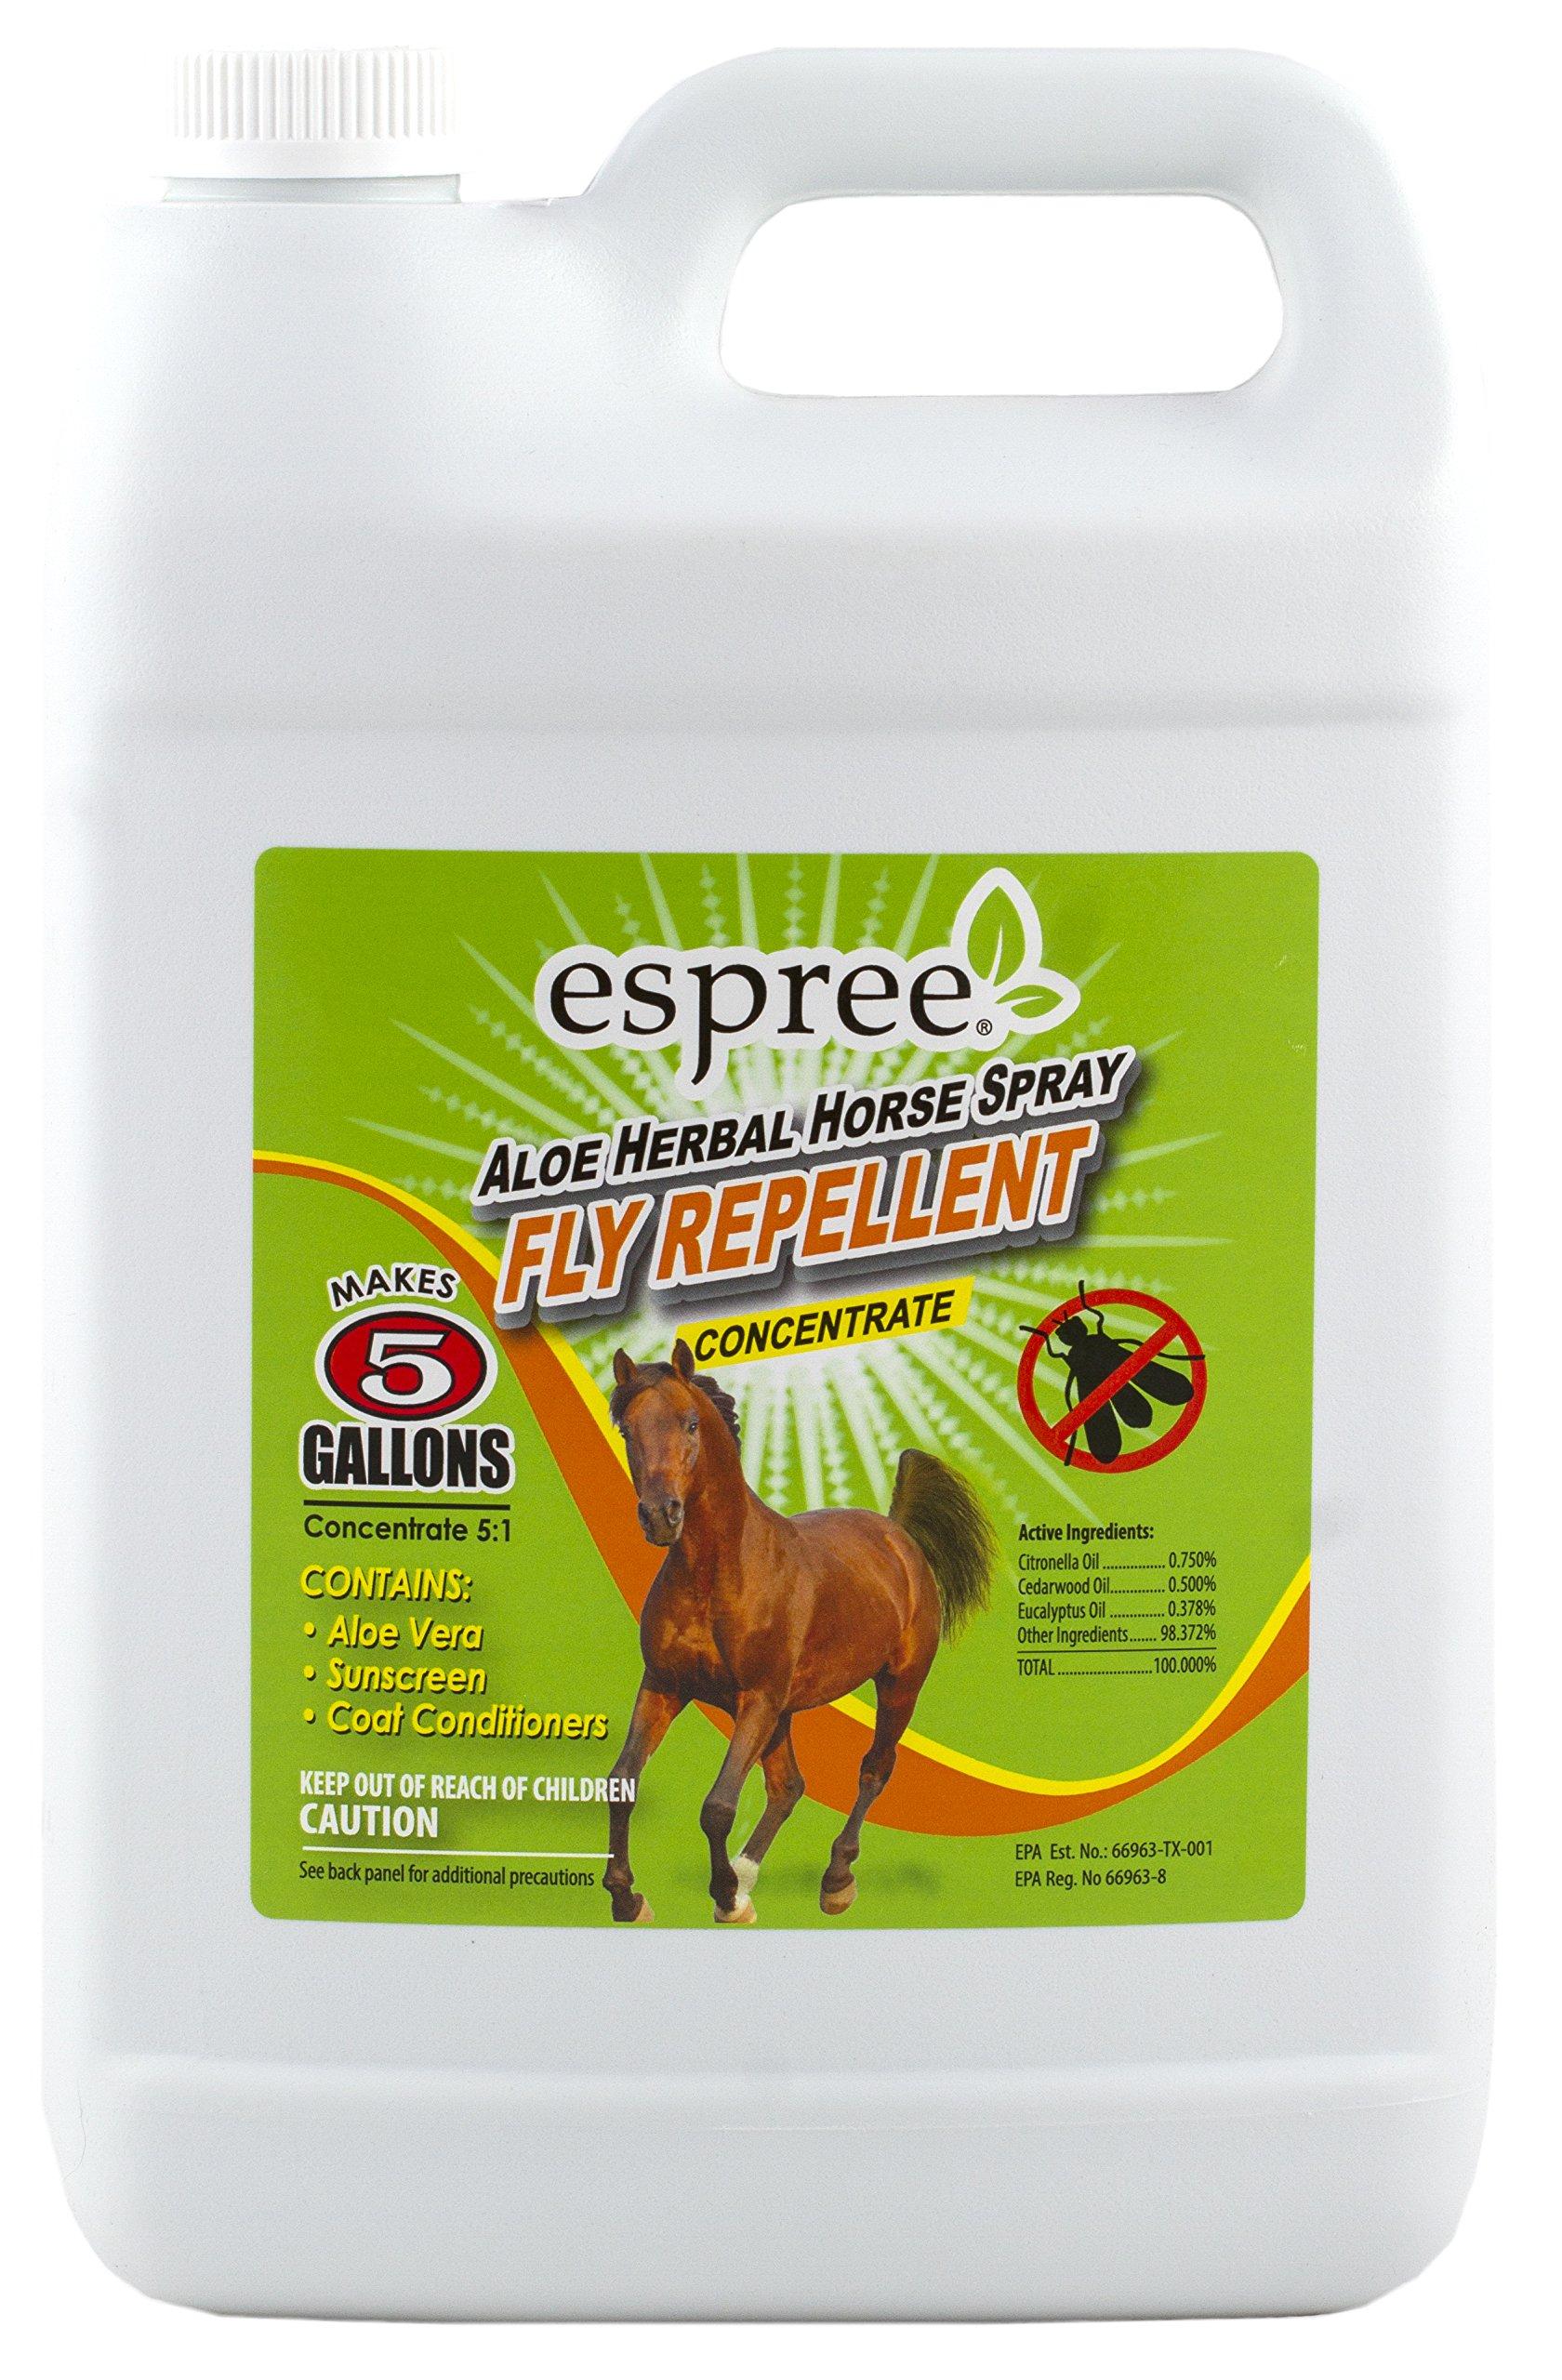 Espree Aloe Herbal Fly Repellent Horse Spray, 5:1 Concentration, 1 Gallon